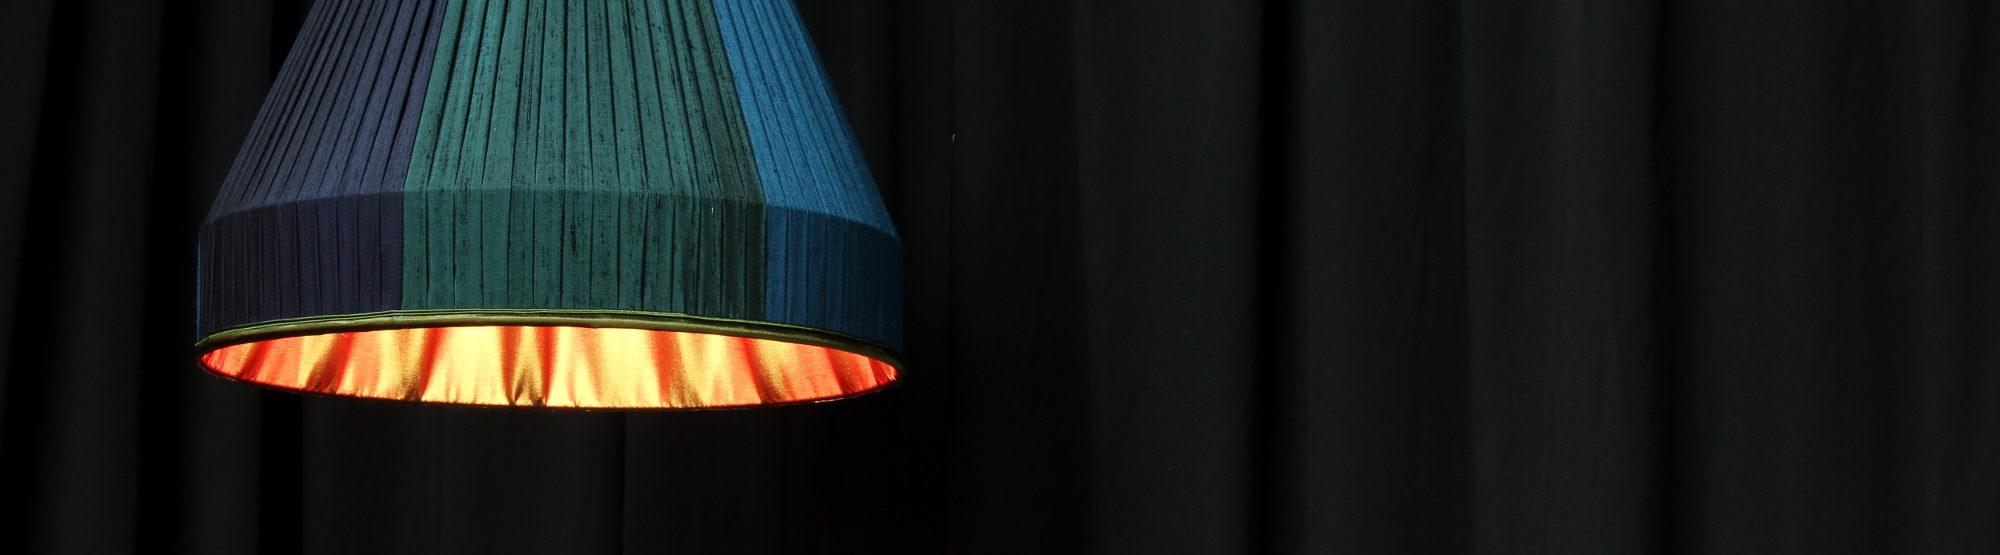 Suspension plissée plis plats cousu main bandes verticales tissu soie doupion doublure intérieure taffetas Métissage et Matières